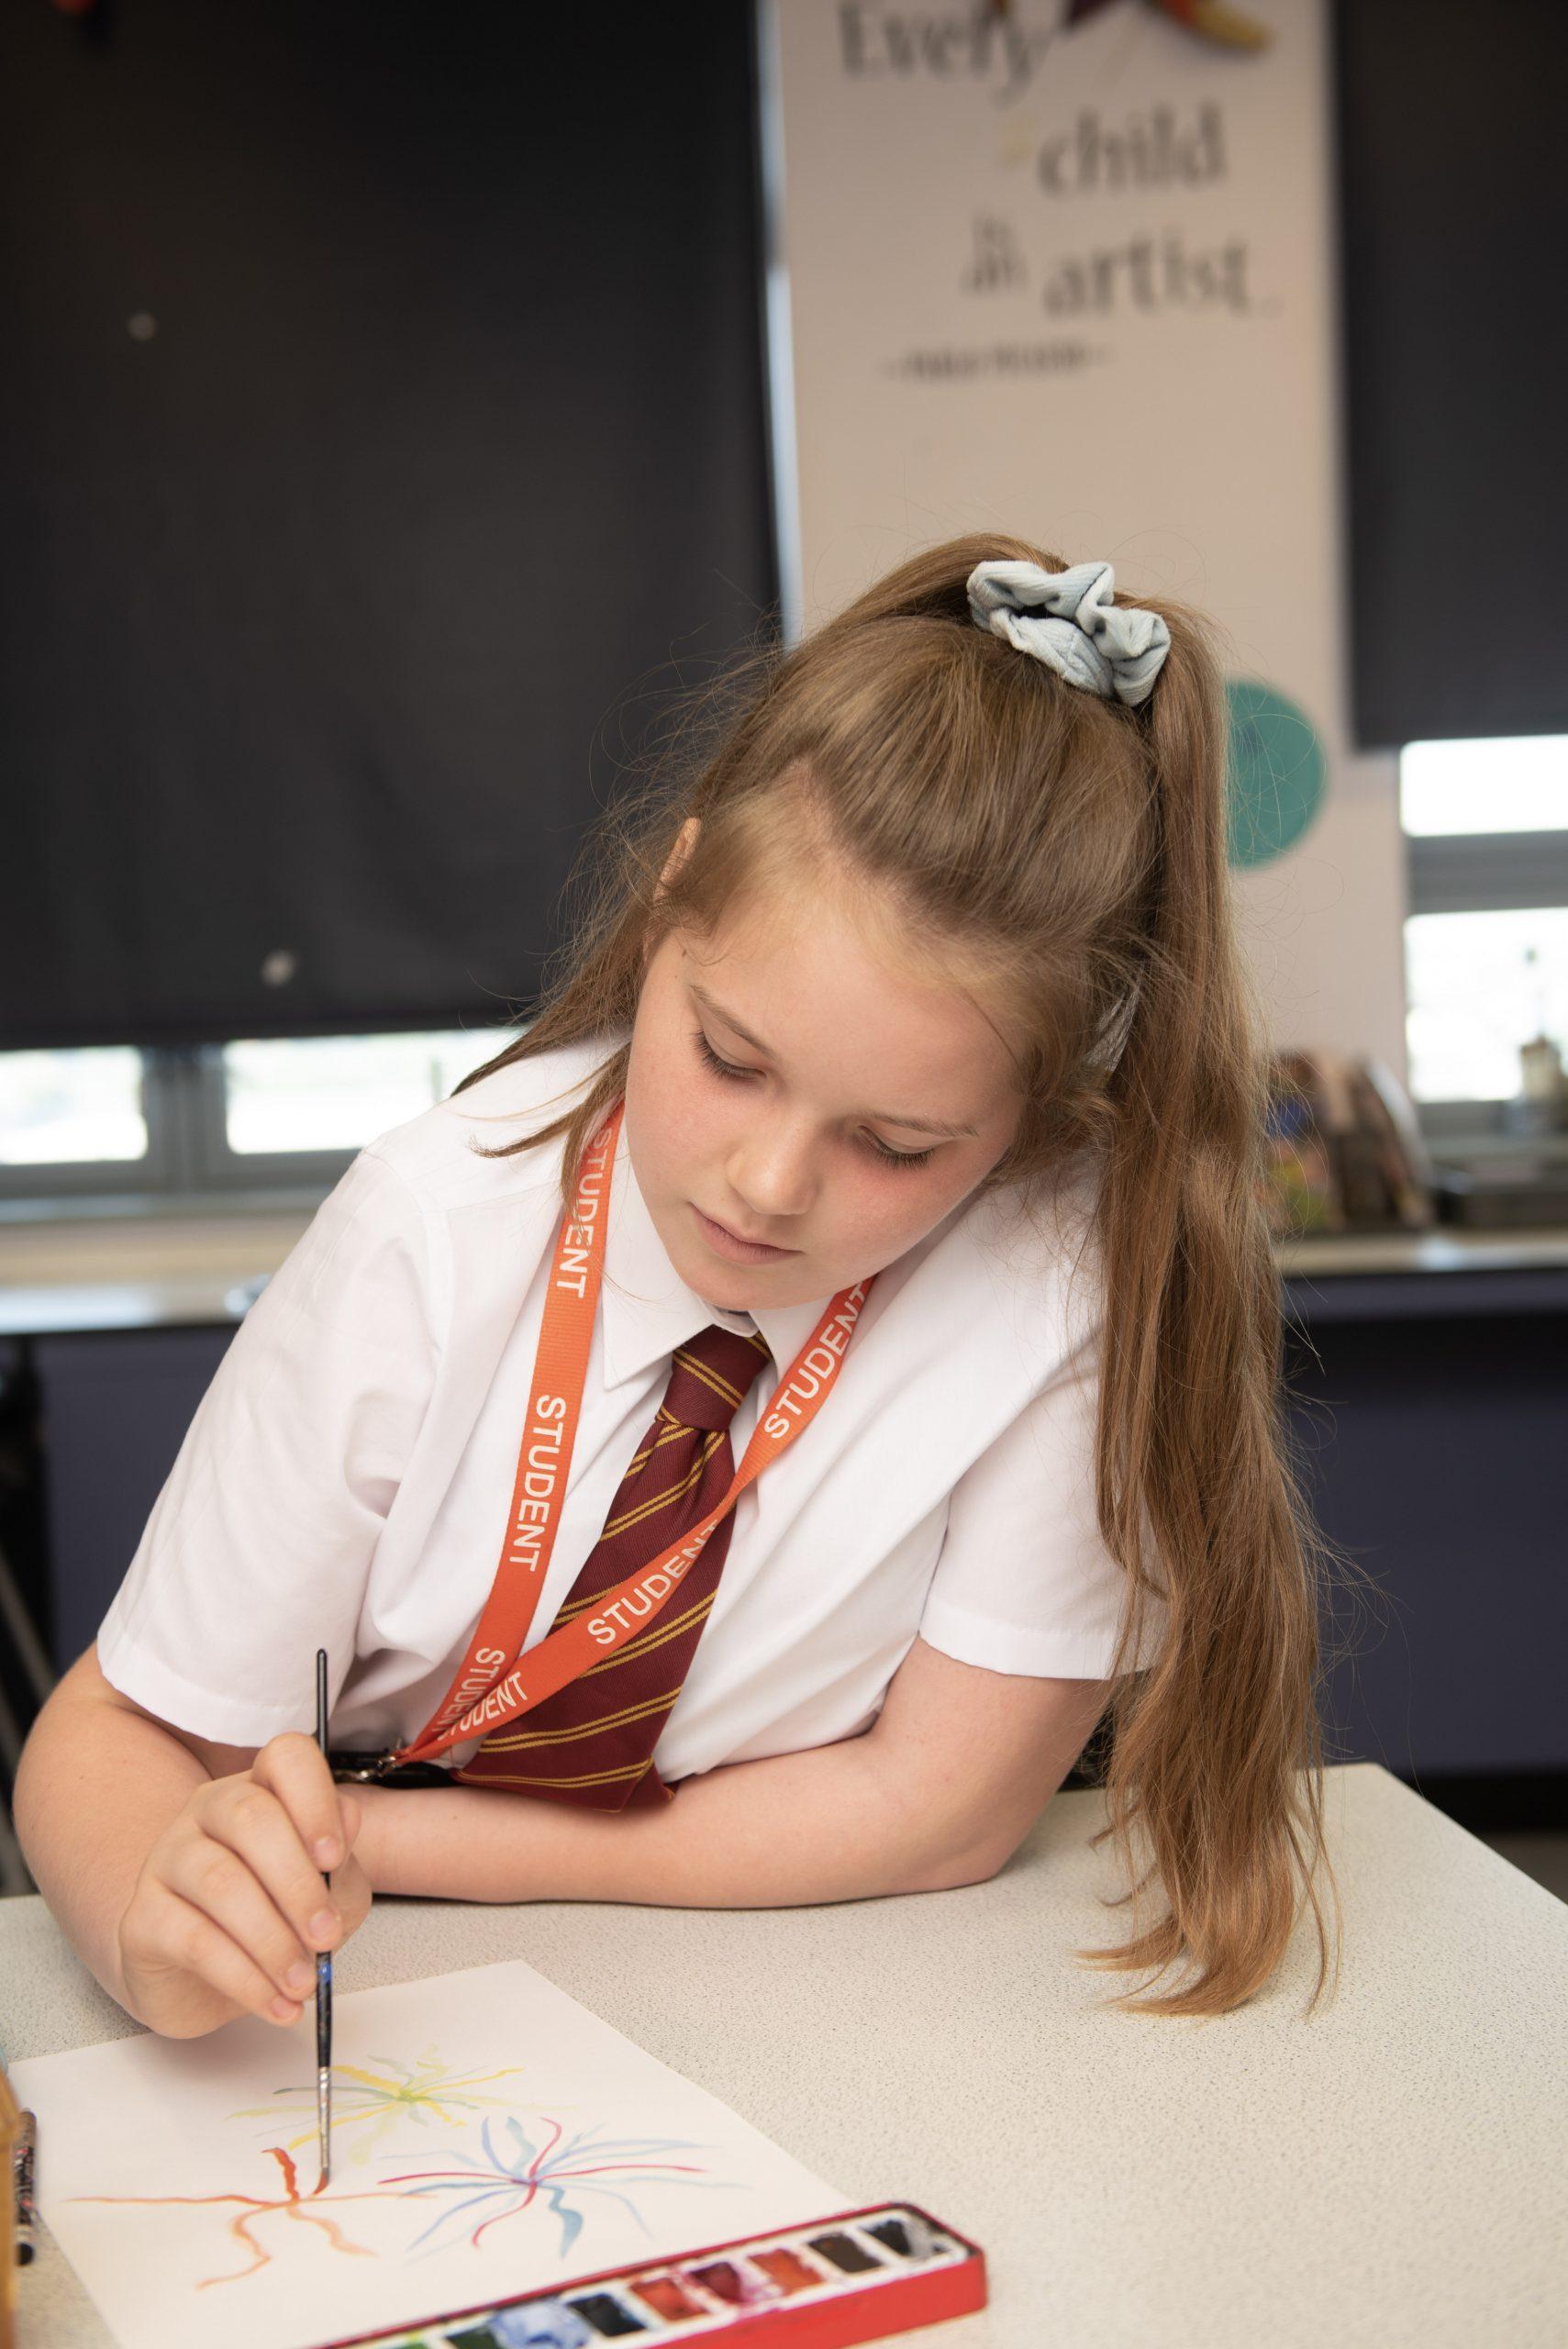 Conisborough DT Female Students Measuring Lewisham